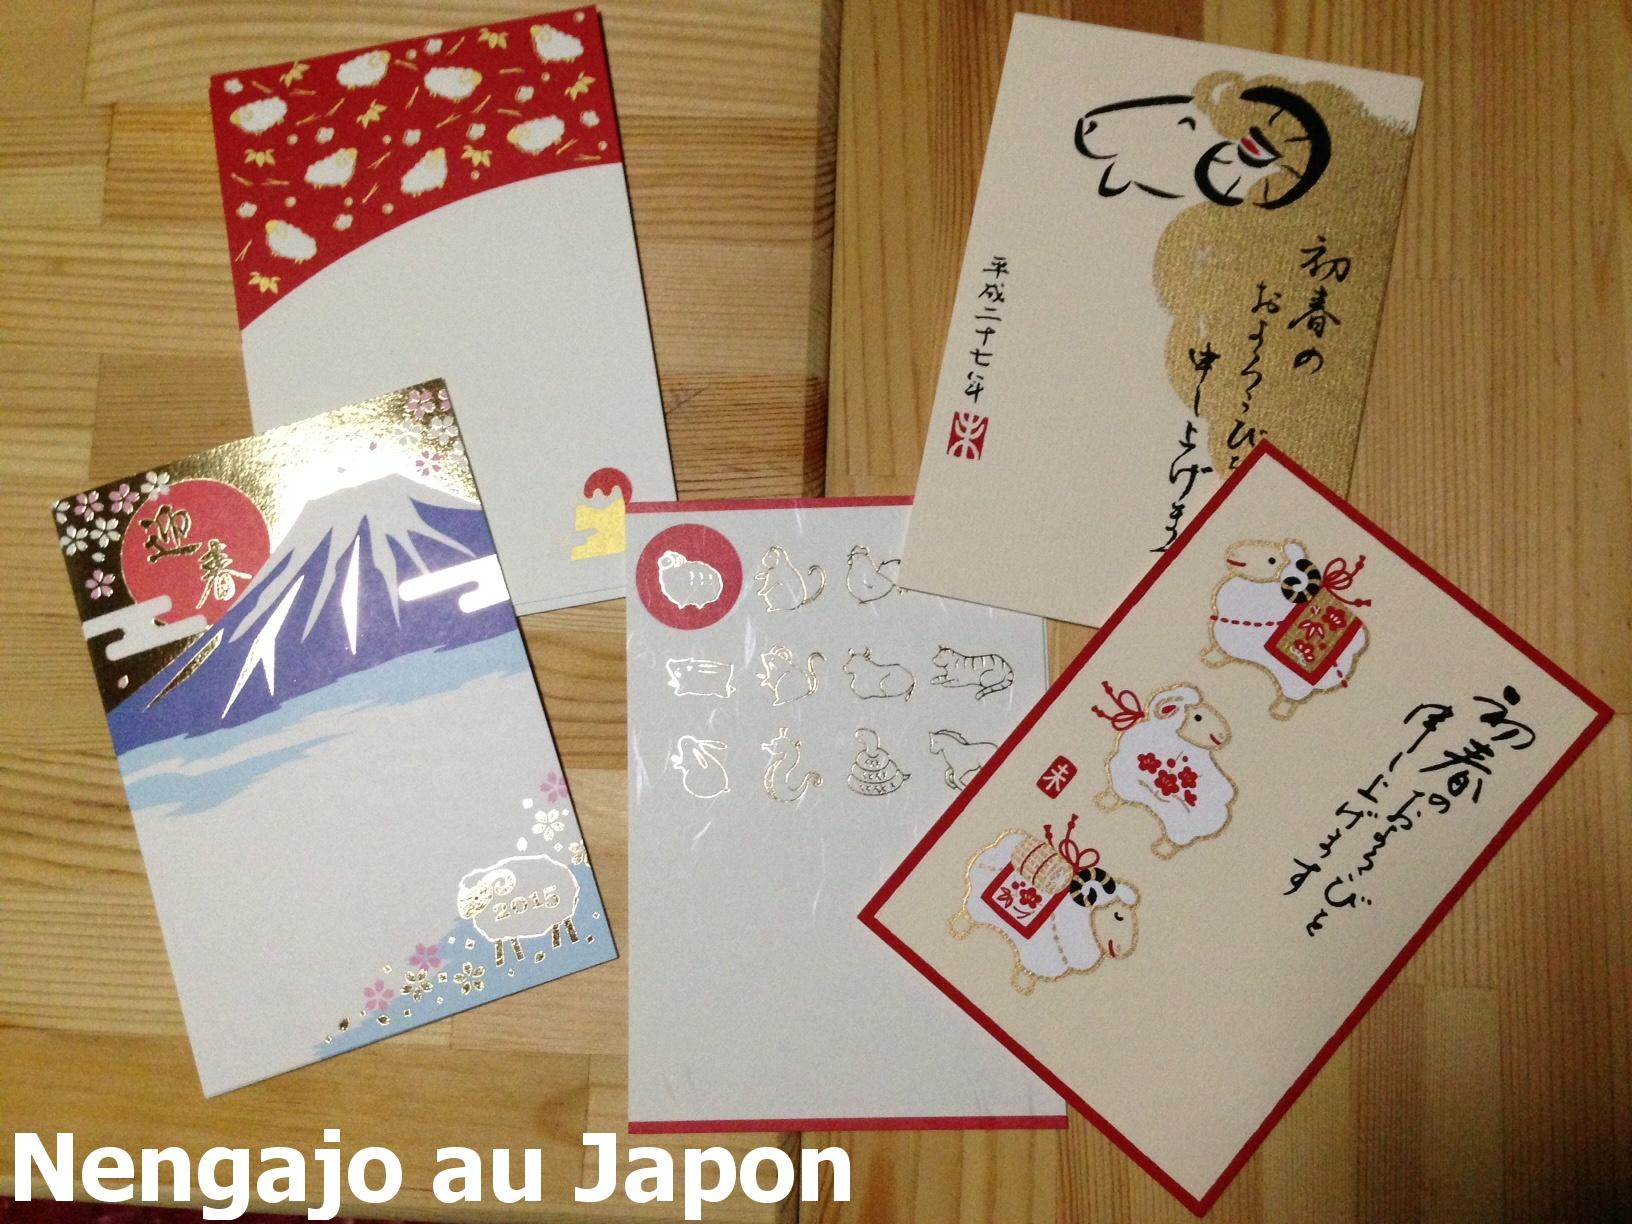 nengajo les cartes de v ux du nouvel an au japon un gaijin au japon. Black Bedroom Furniture Sets. Home Design Ideas